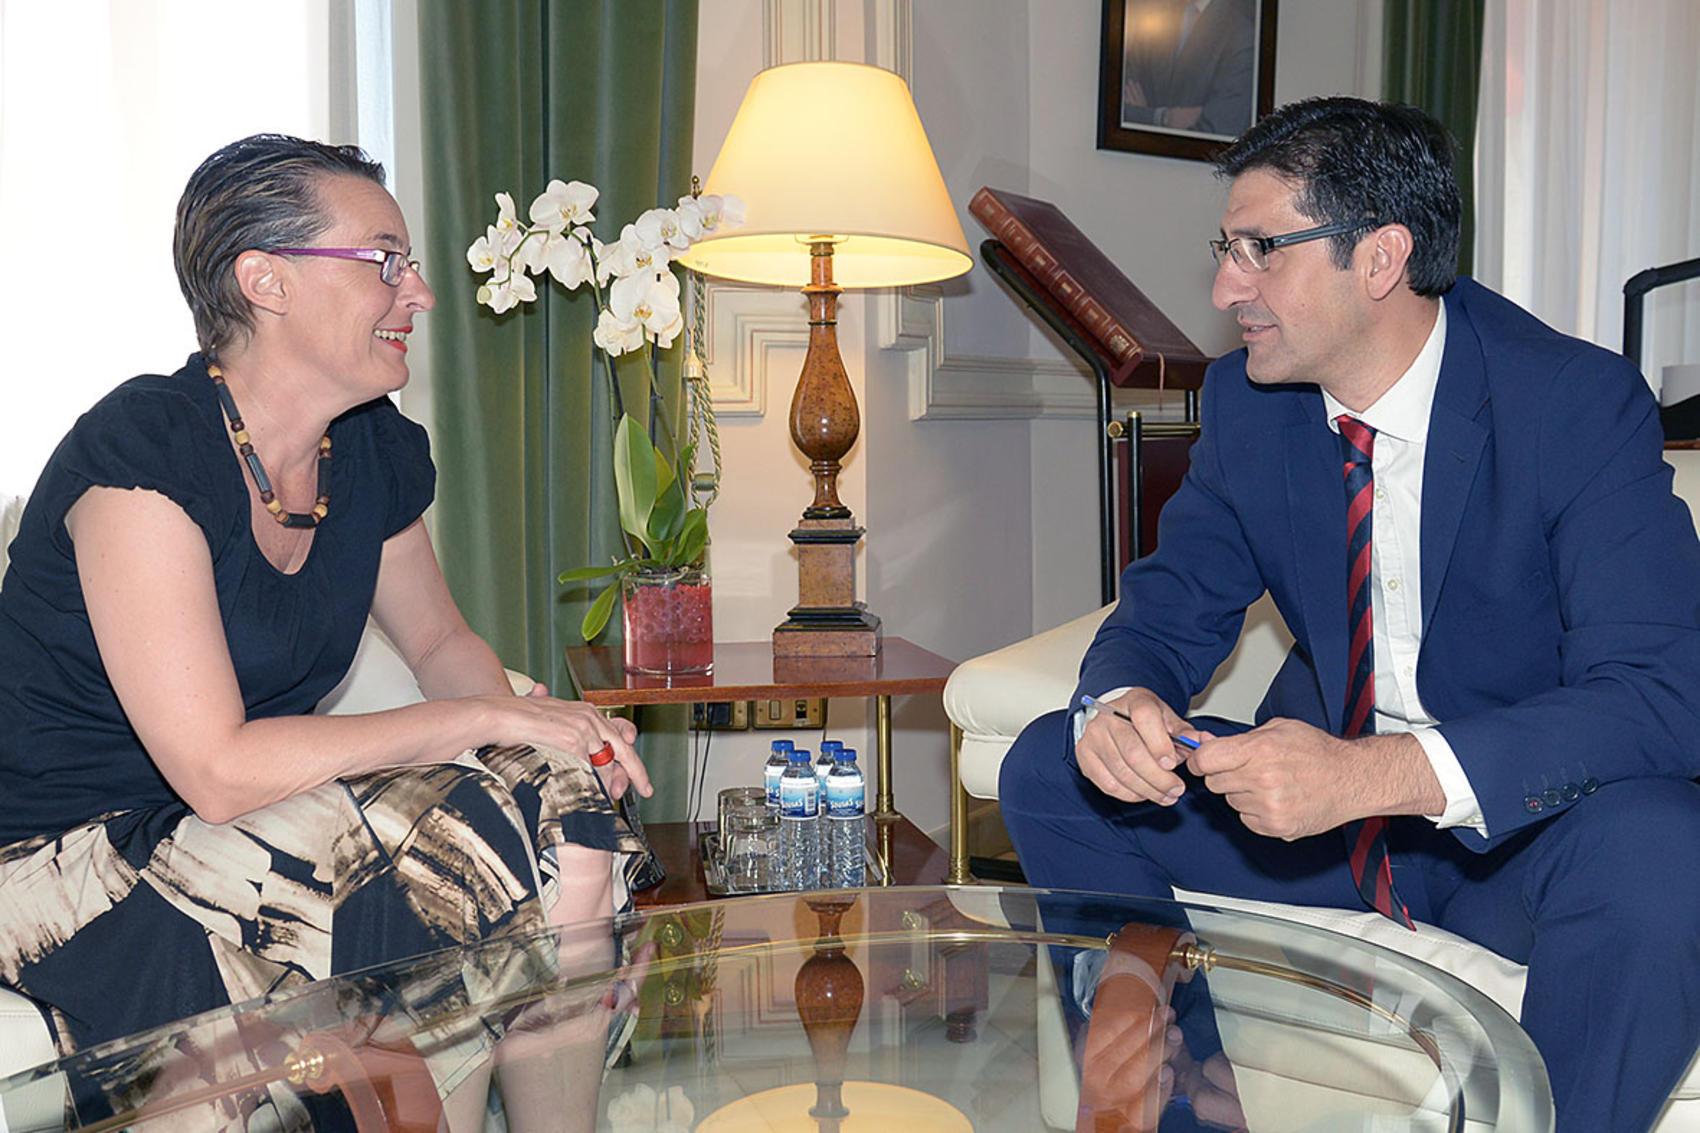 La Diputación aporta 70.000 euros a la financiación del Festival de Teatro de Almagro